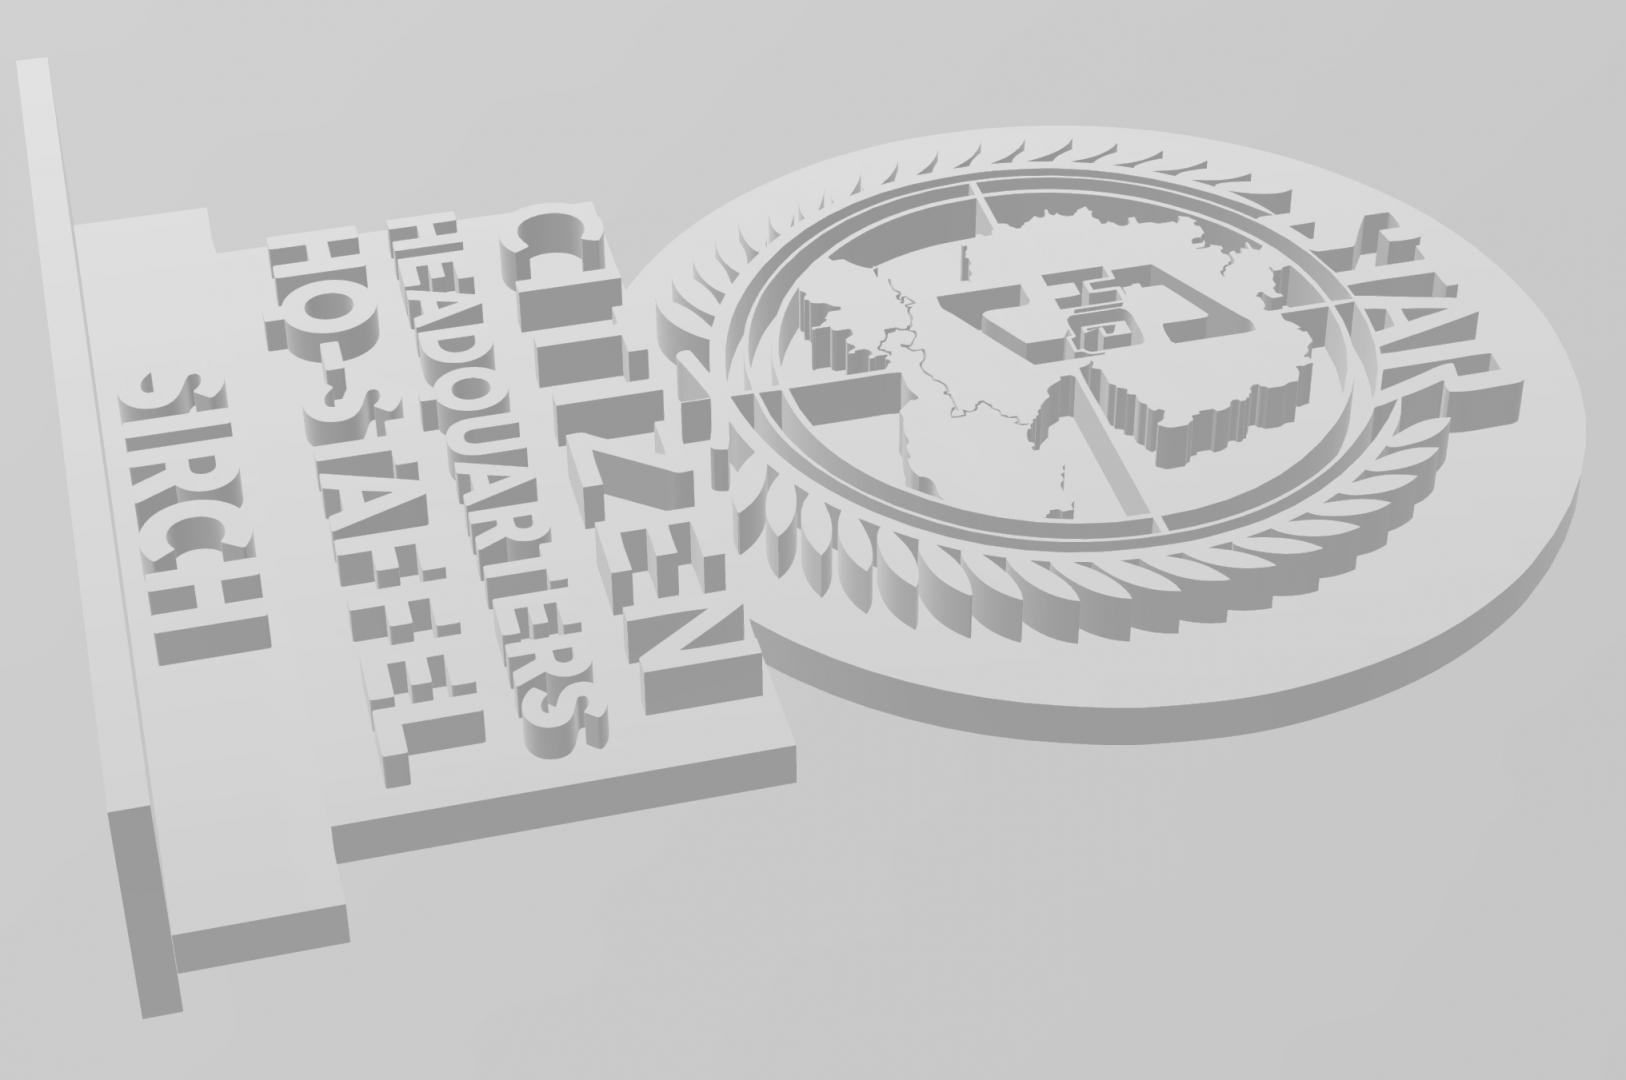 21_05_31_HQ-Staffel-Logo_15.PNG